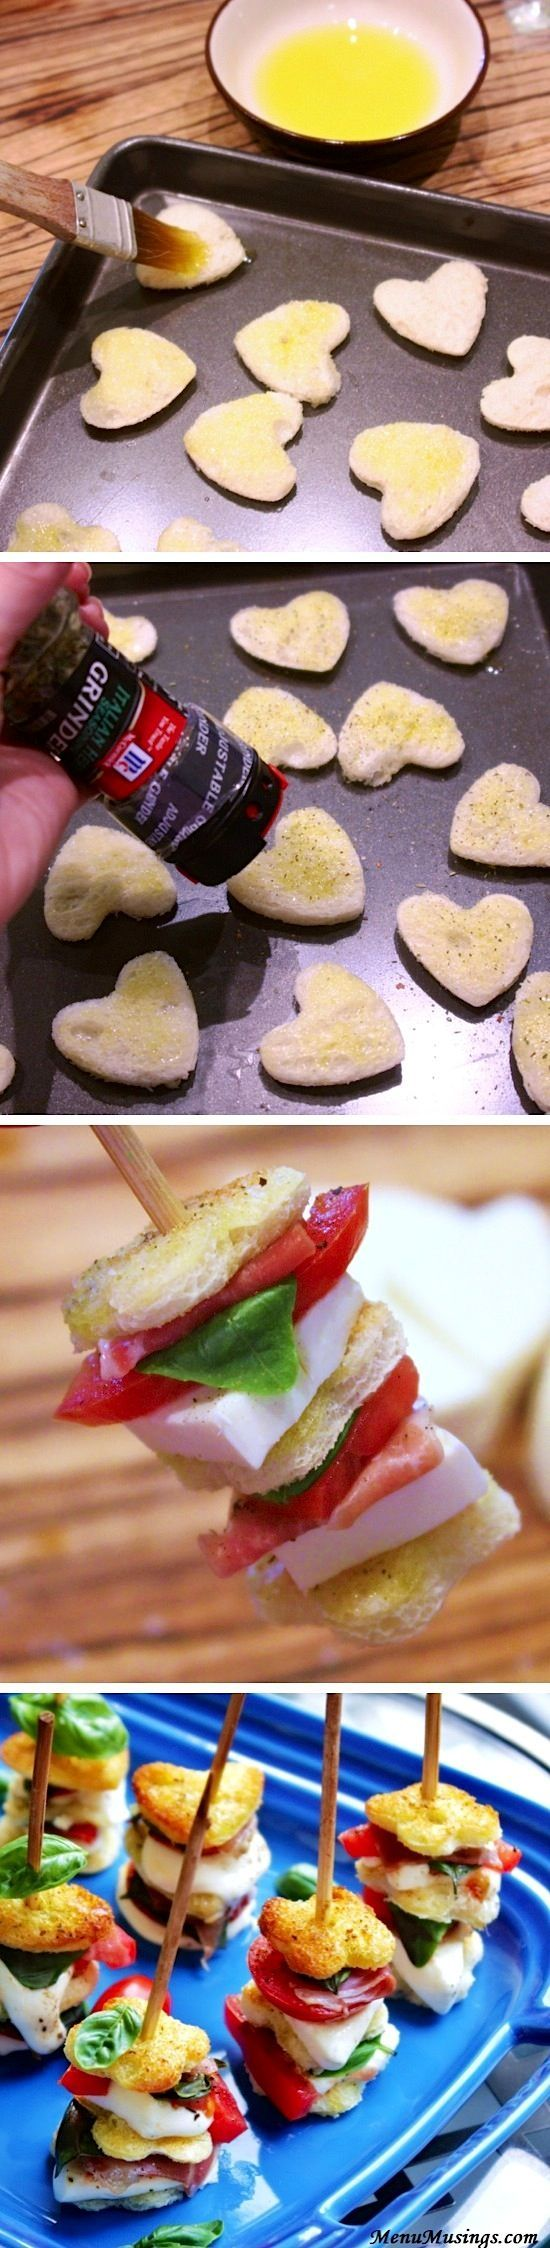 Simple Recipes Caprese Skewers - appetizer, food recipes, recipes, simple recipes